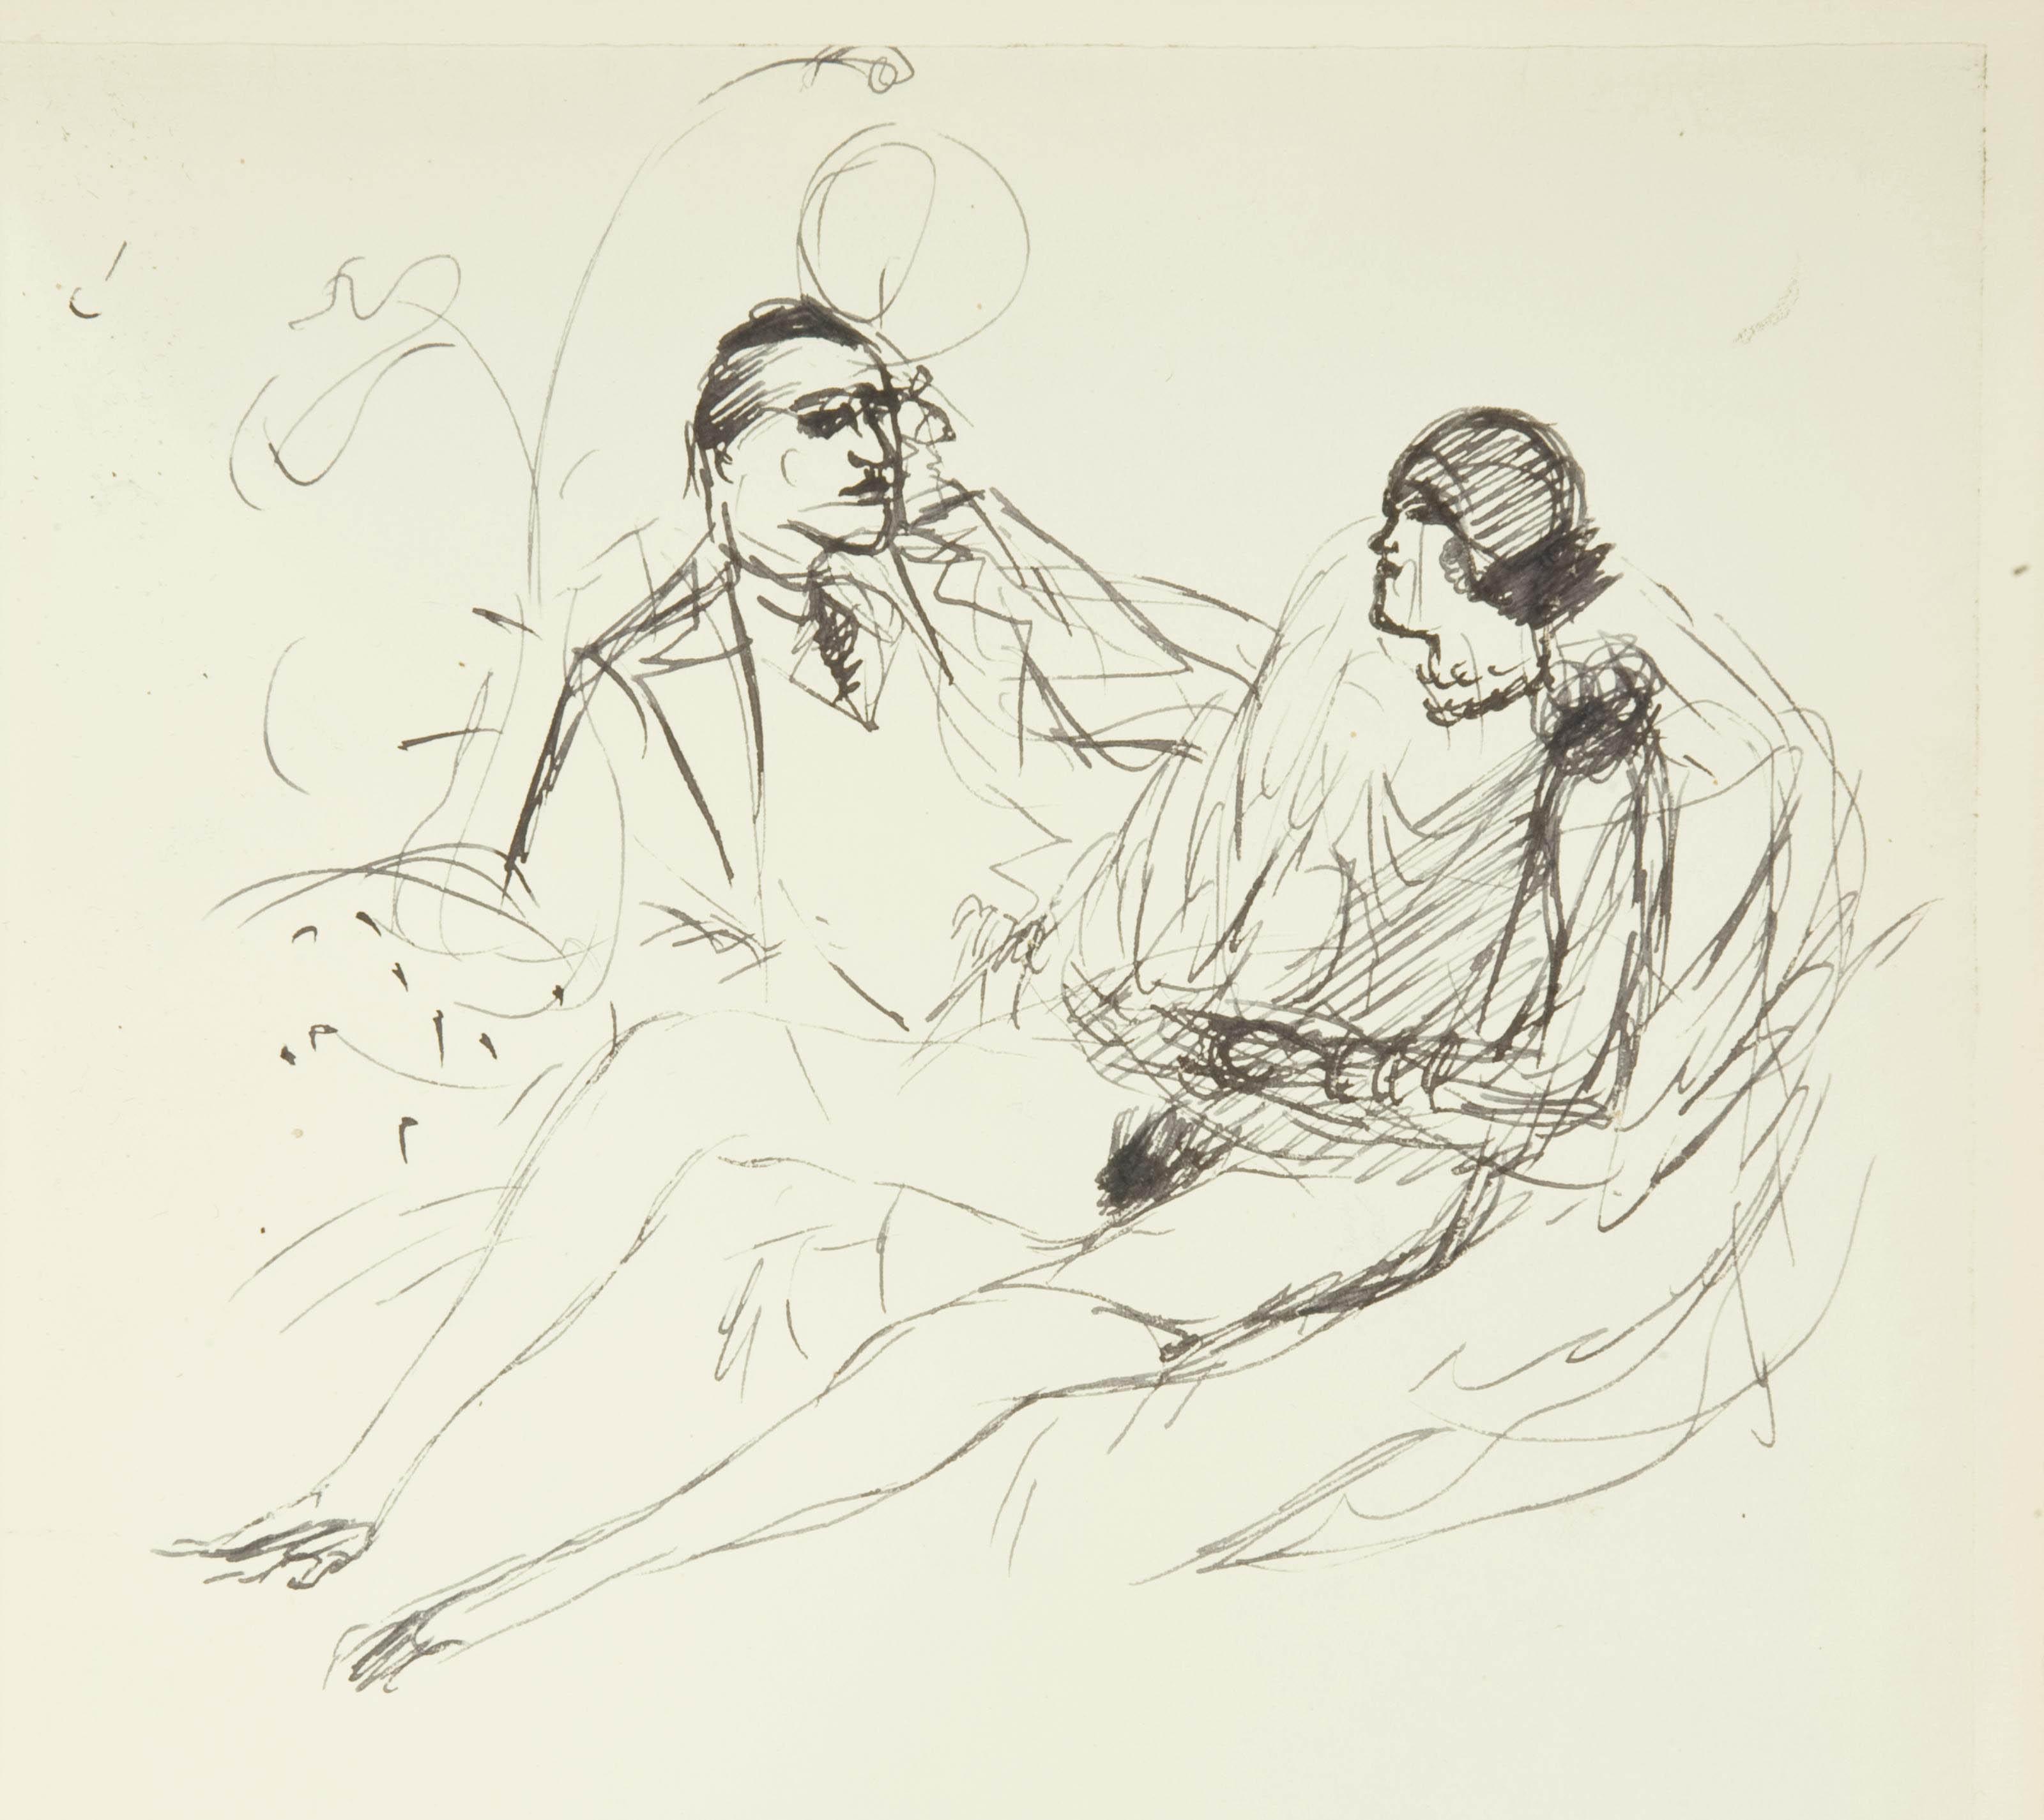 [VERTÈS] -- [LOUYS, Pierre (1870-1925)]. Pybrac. Paris: Aux dépens d'un amateur [Marcel Vertès], 1928.